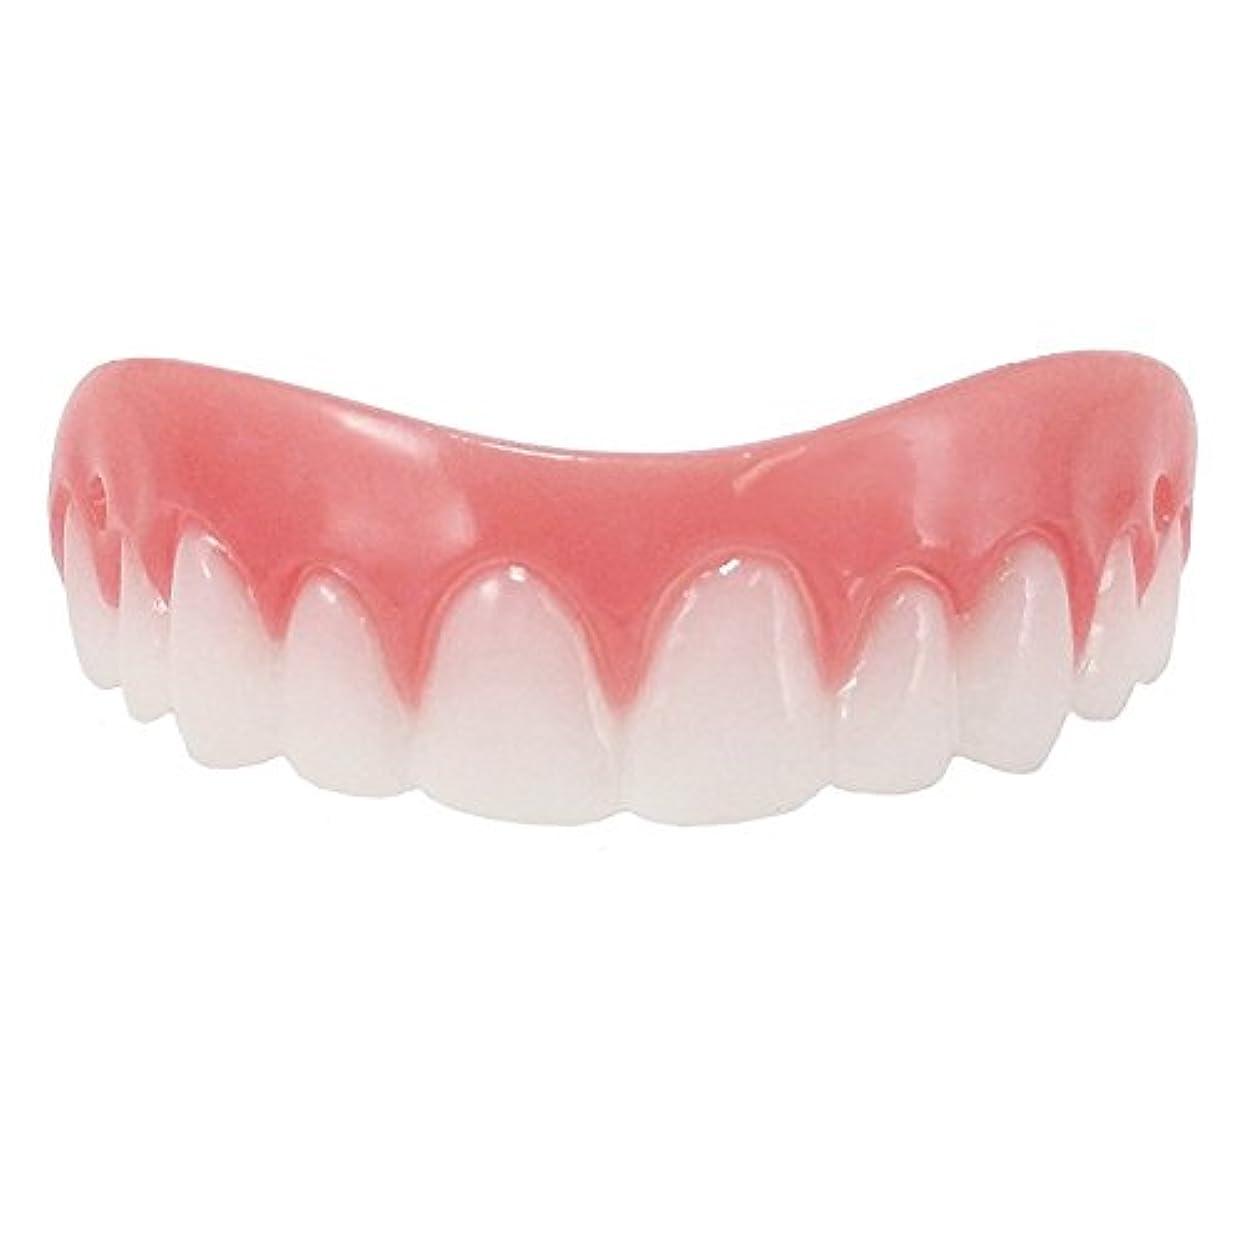 発火する殺人リボンシリコン義歯ペースト 美容用 入れ歯 上歯 下歯2個セット (free size)